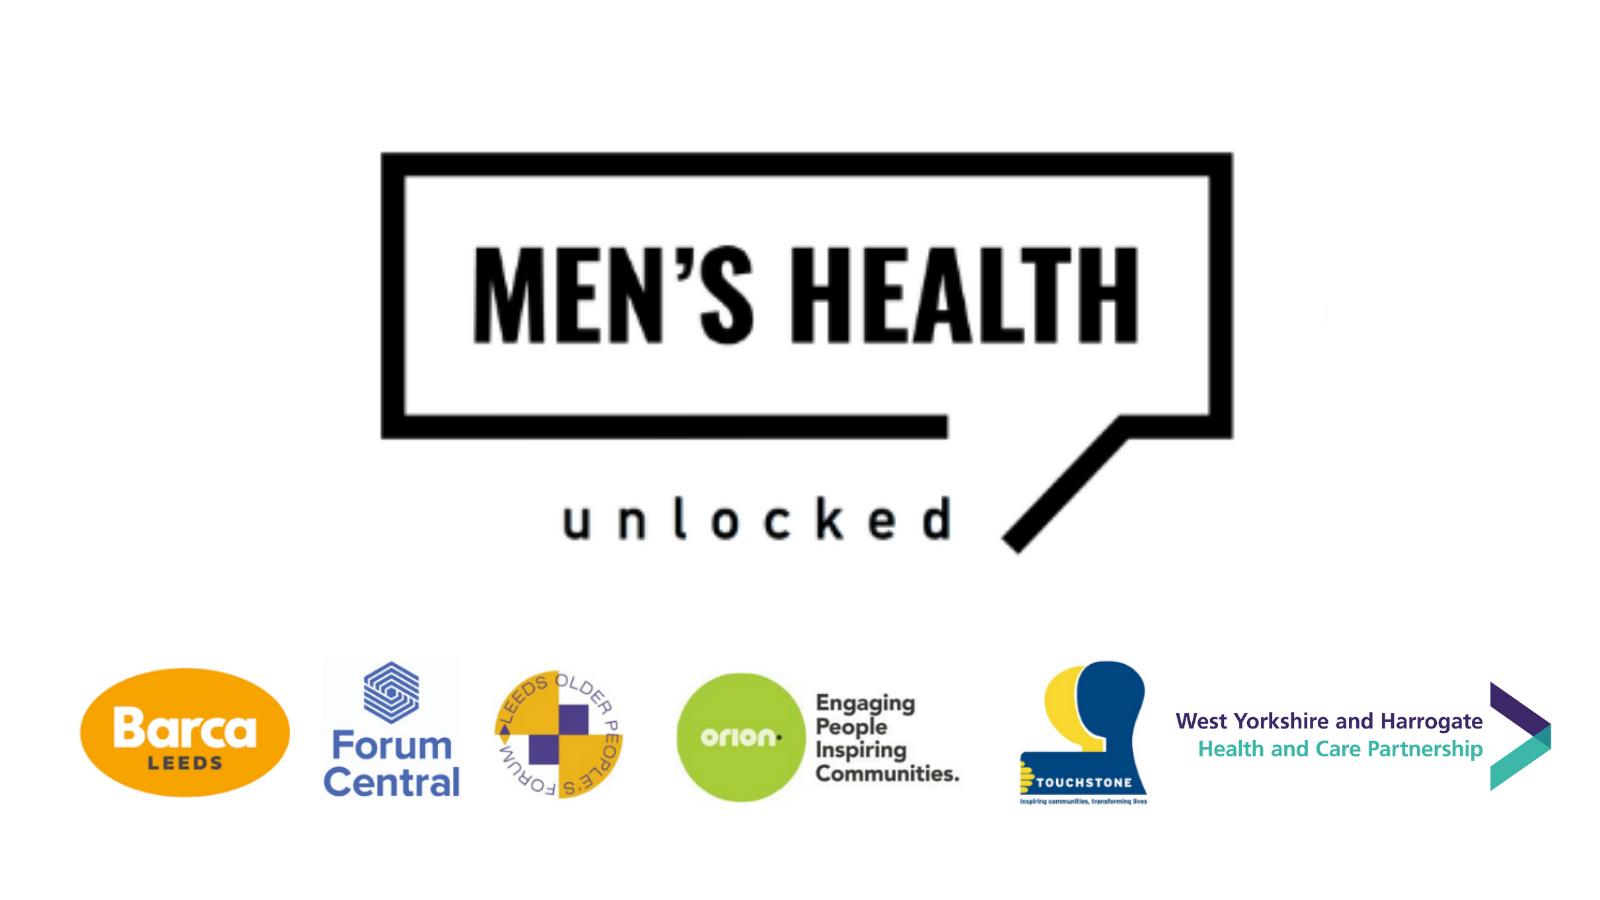 Logos of the Men's Health Unlocked partner organisations